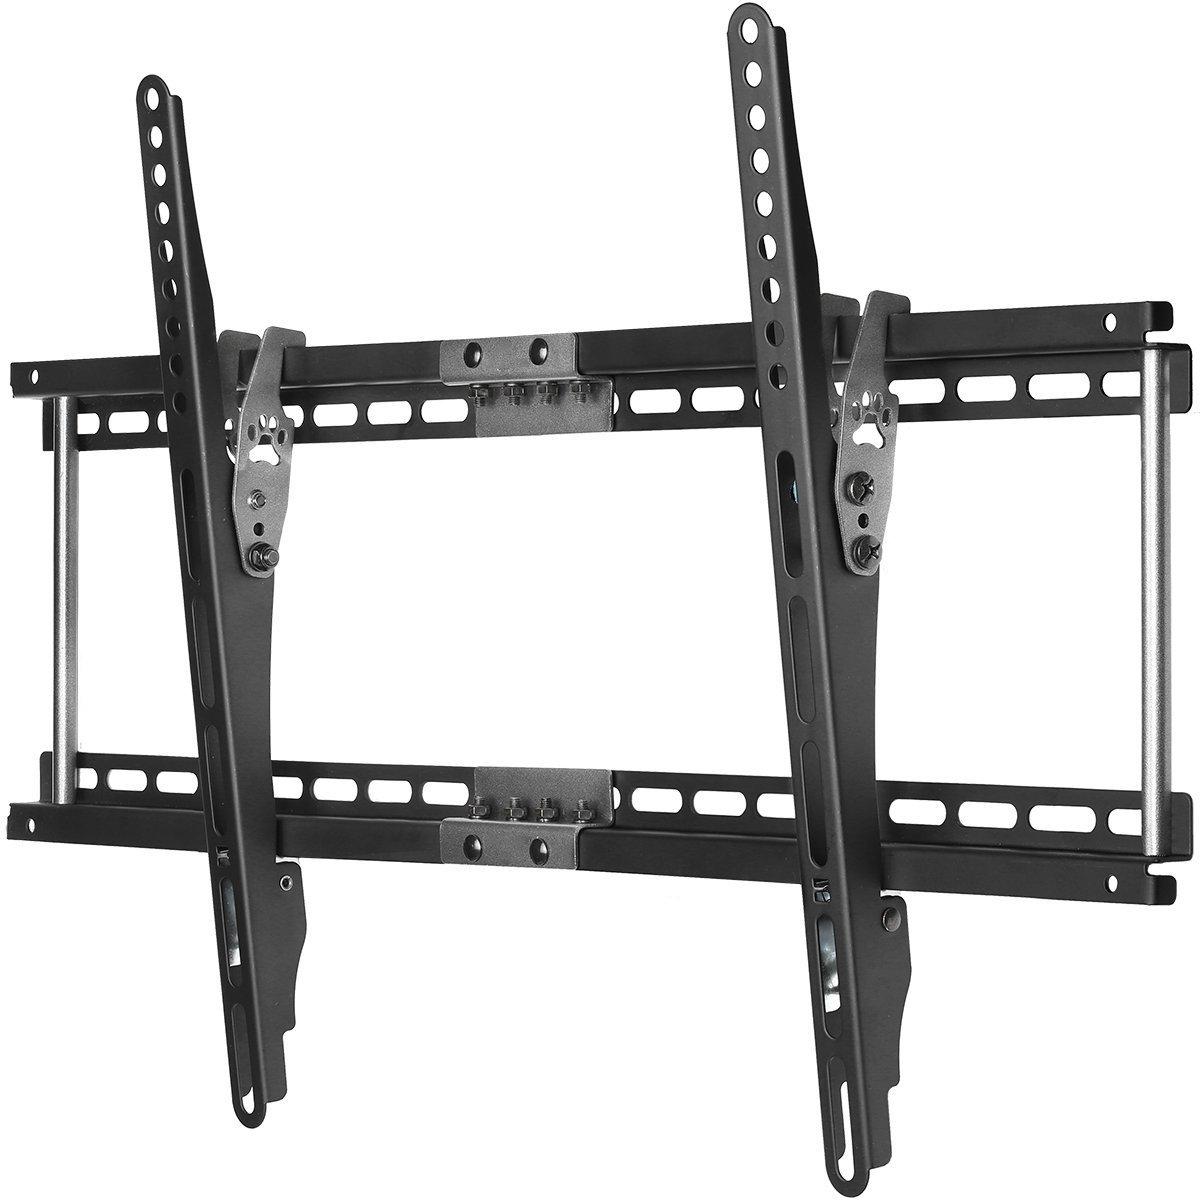 ブラックTilting /角度調整壁マウントブラケットfor LG 47lg50-ug 47